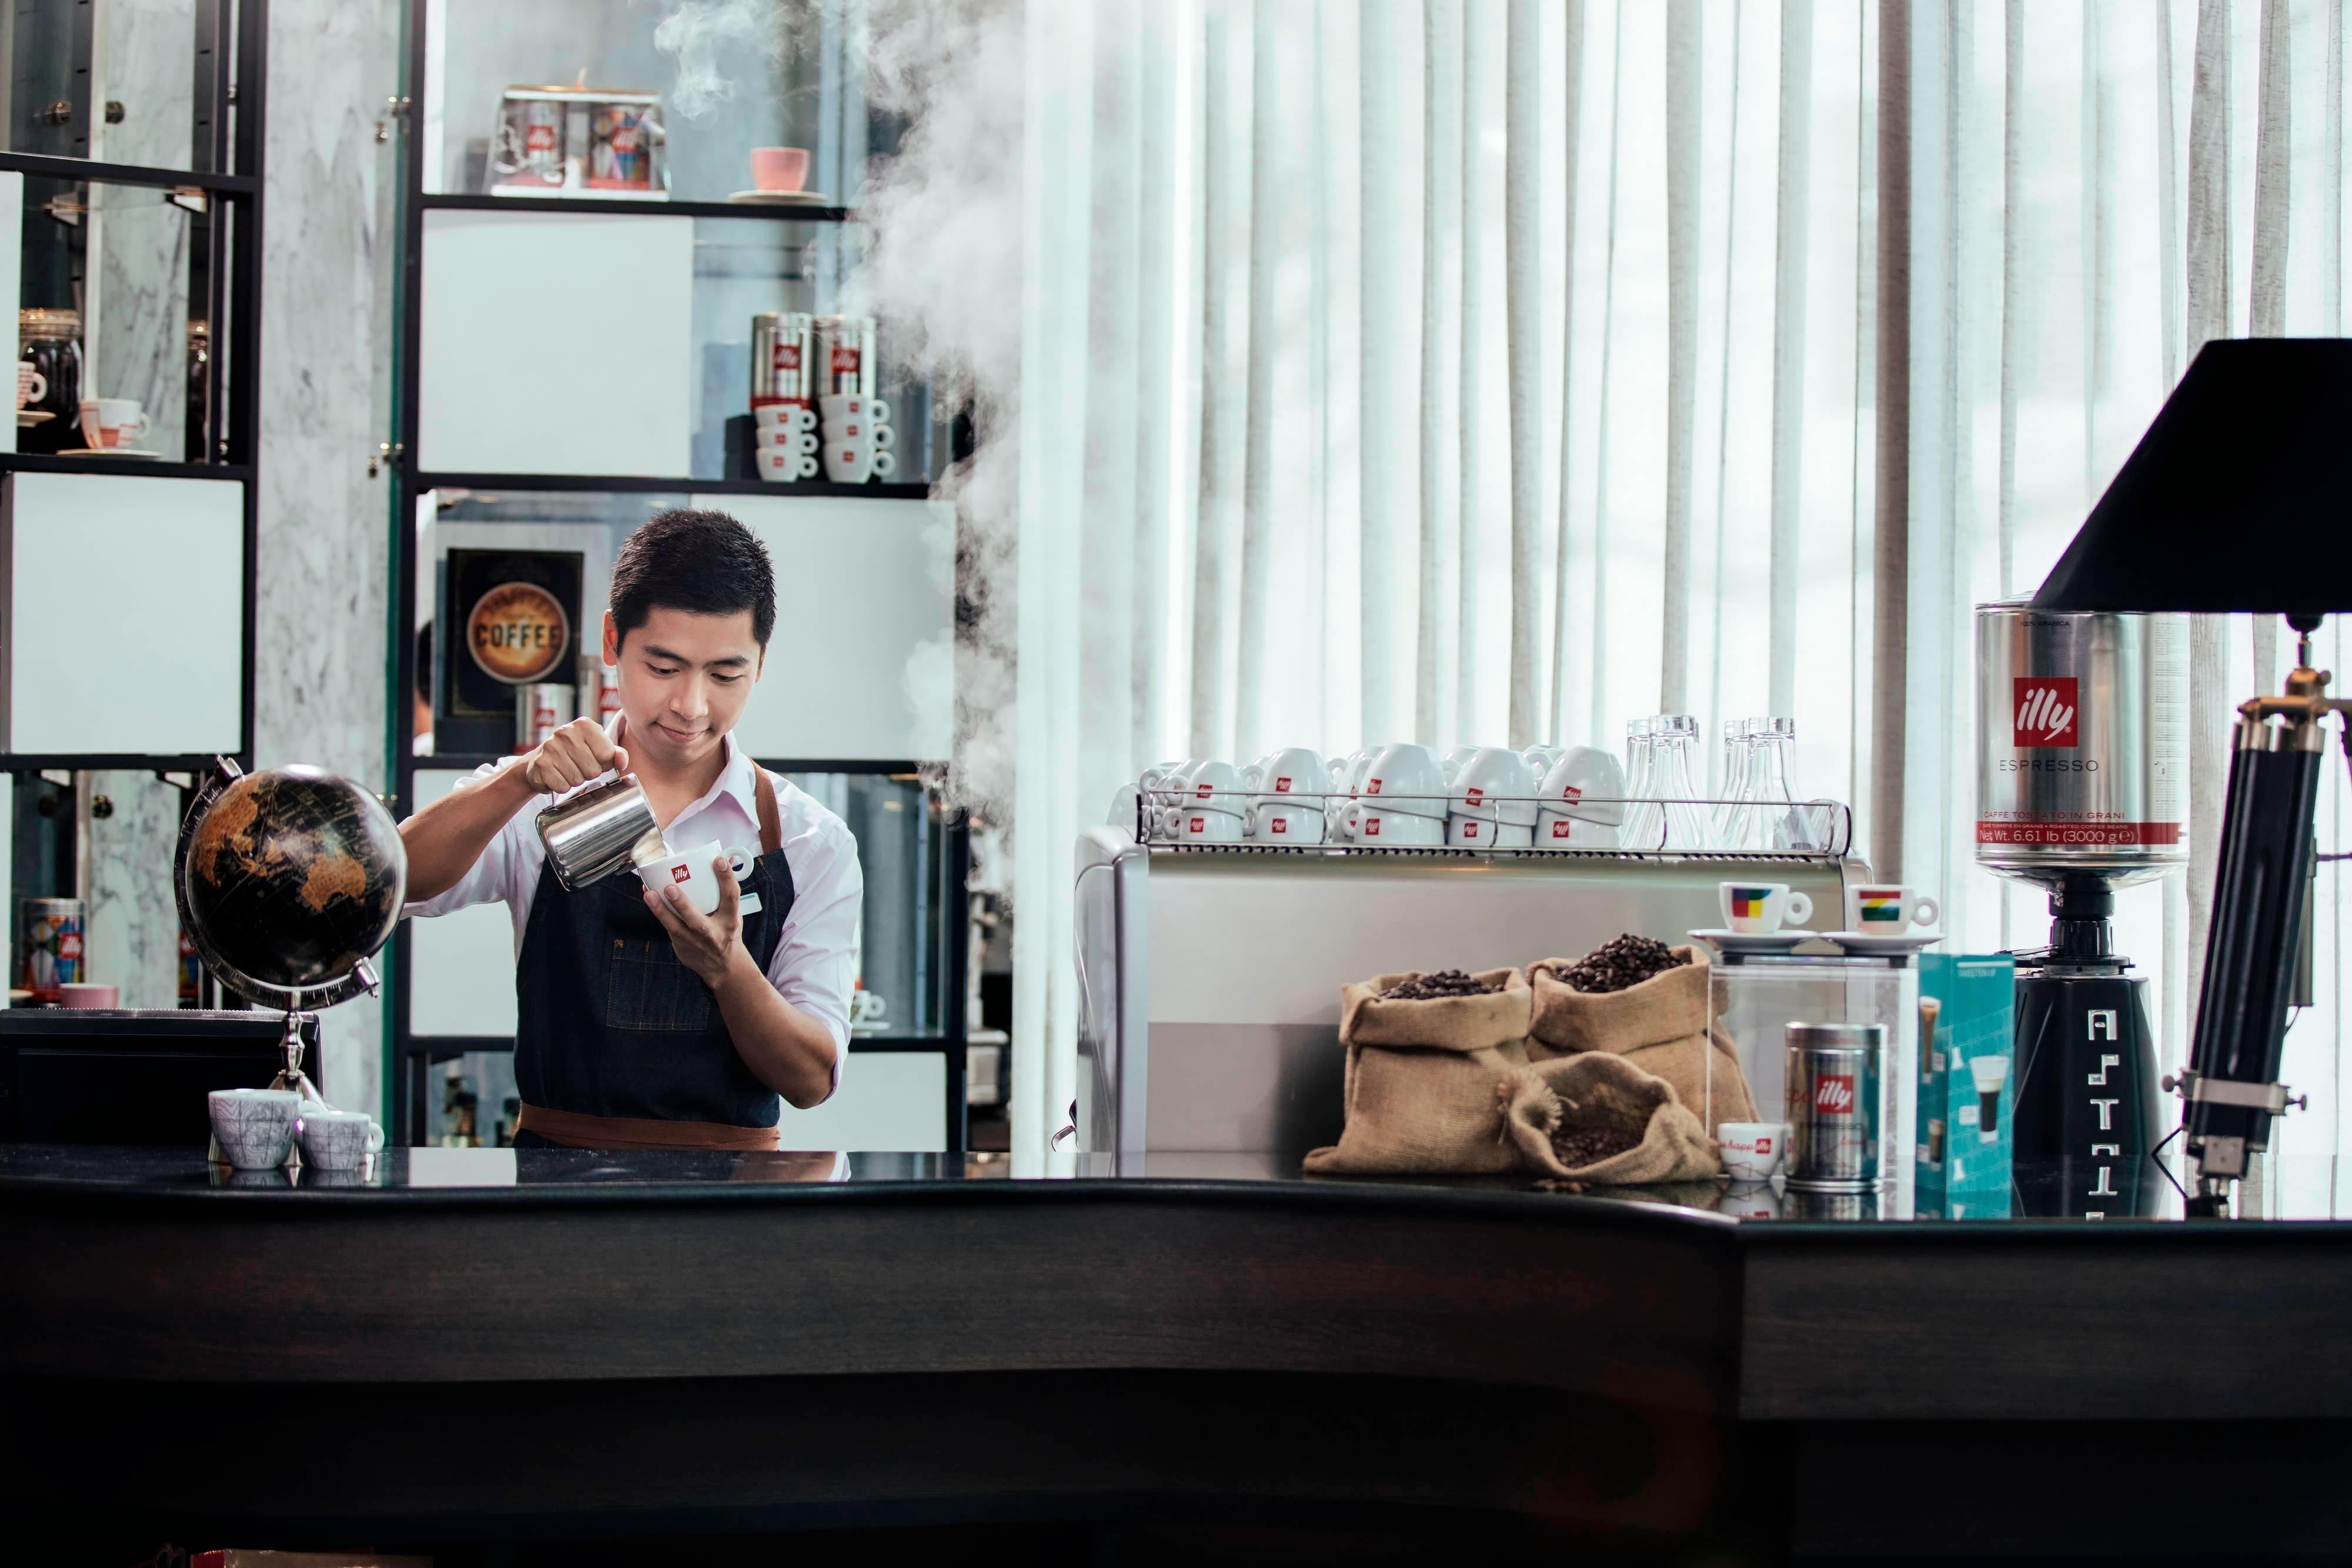 Le Méridien Bangkok's Global Master Barista